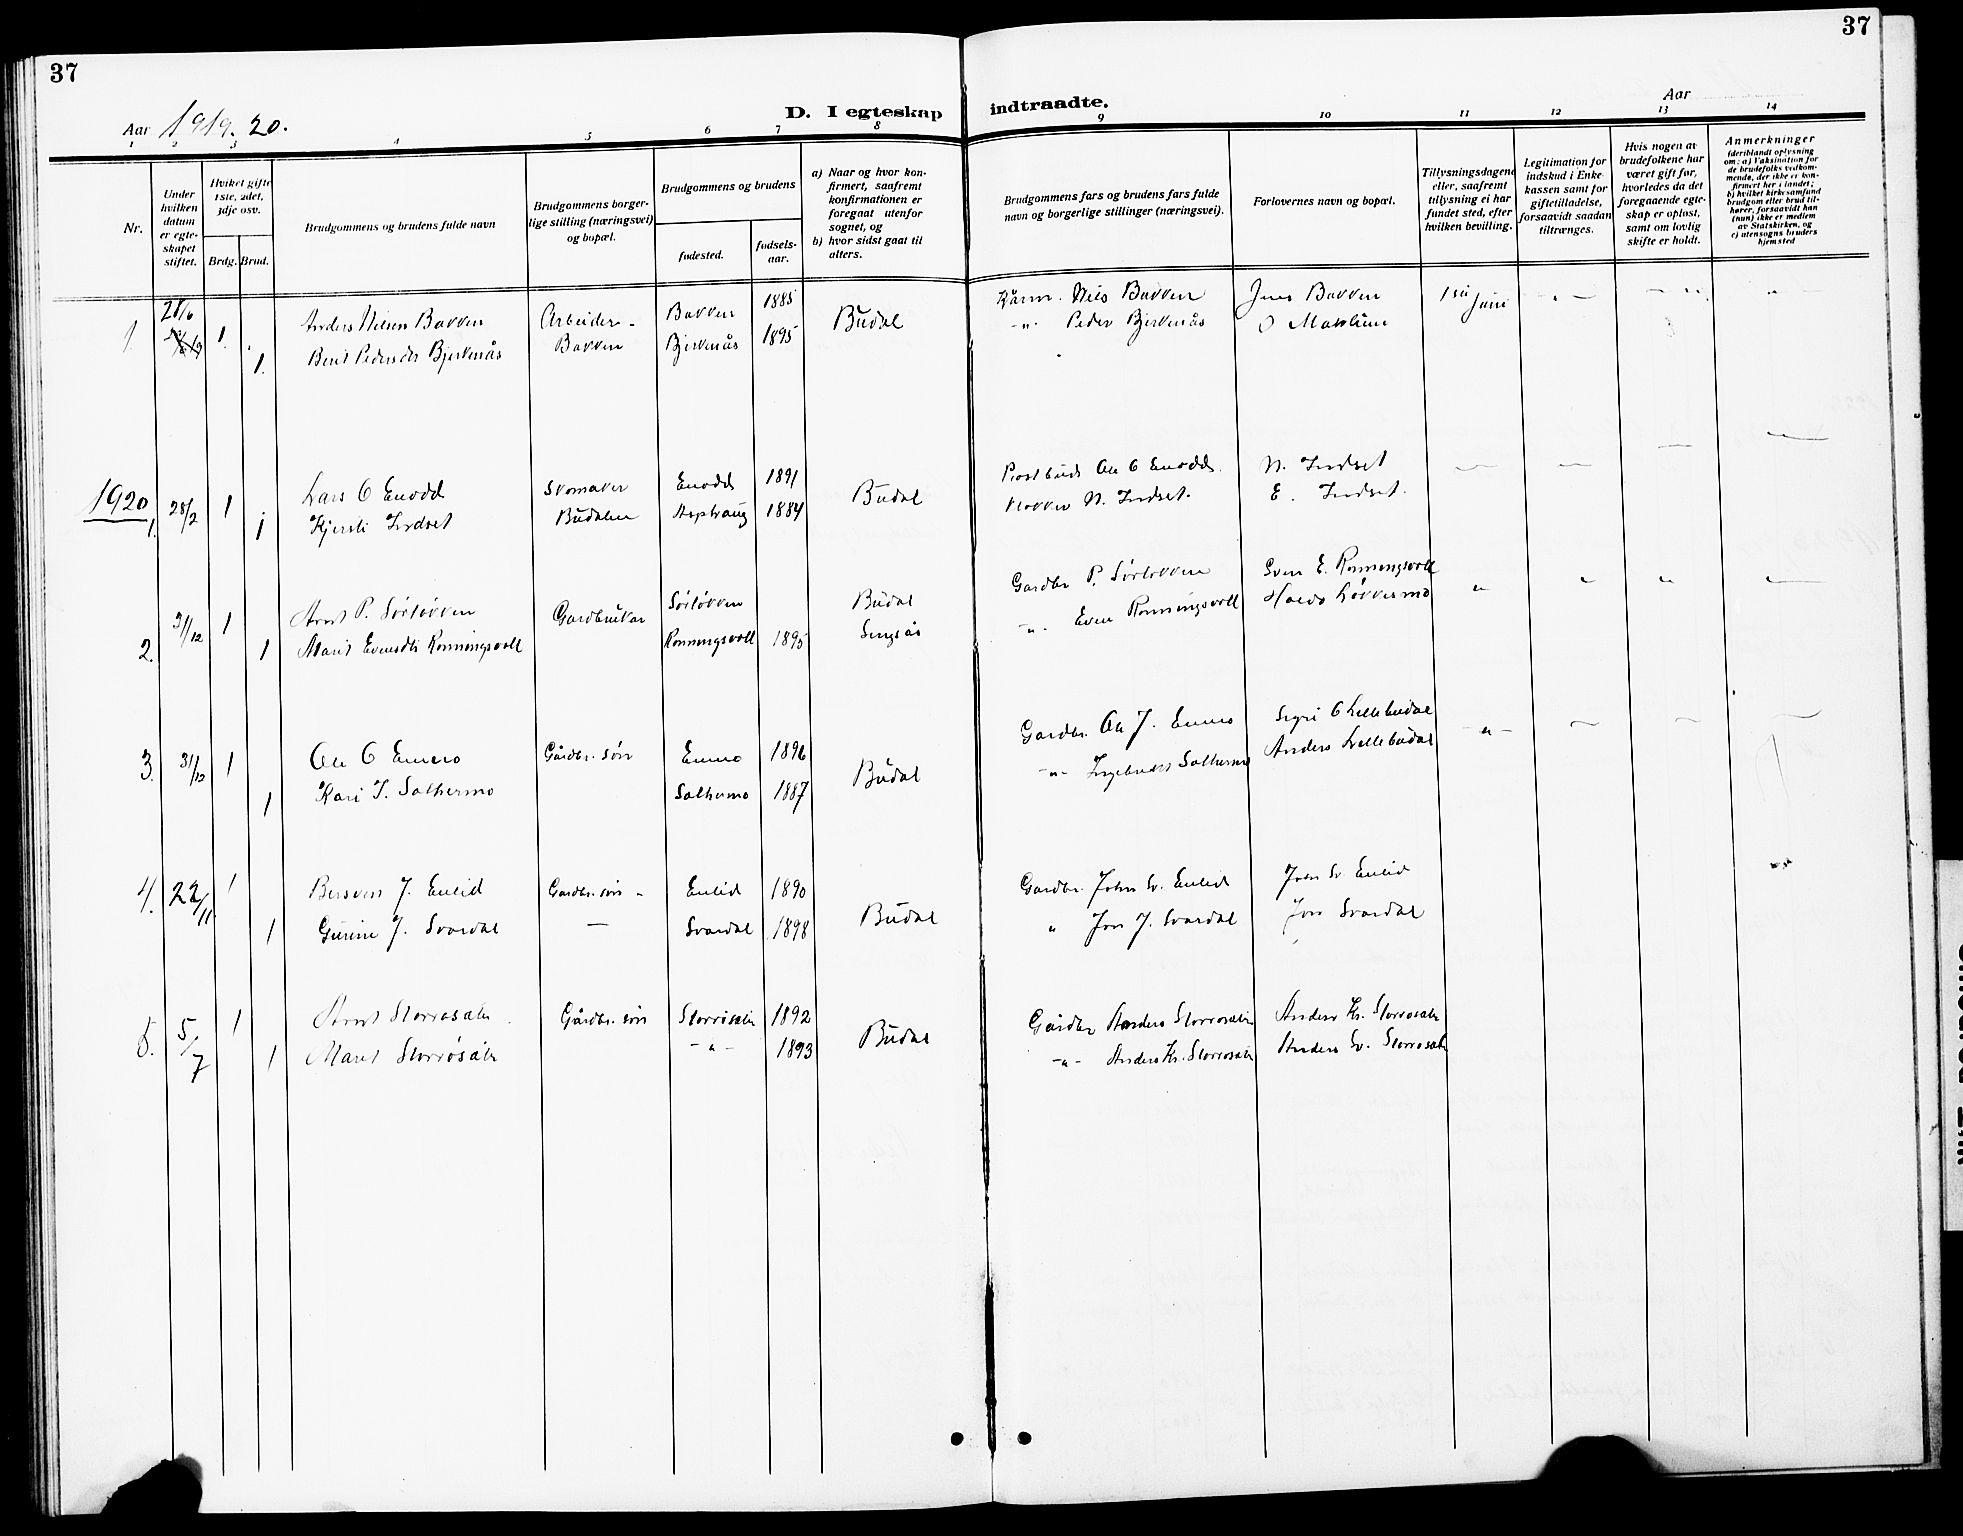 SAT, Ministerialprotokoller, klokkerbøker og fødselsregistre - Sør-Trøndelag, 690/L1052: Klokkerbok nr. 690C02, 1907-1929, s. 37